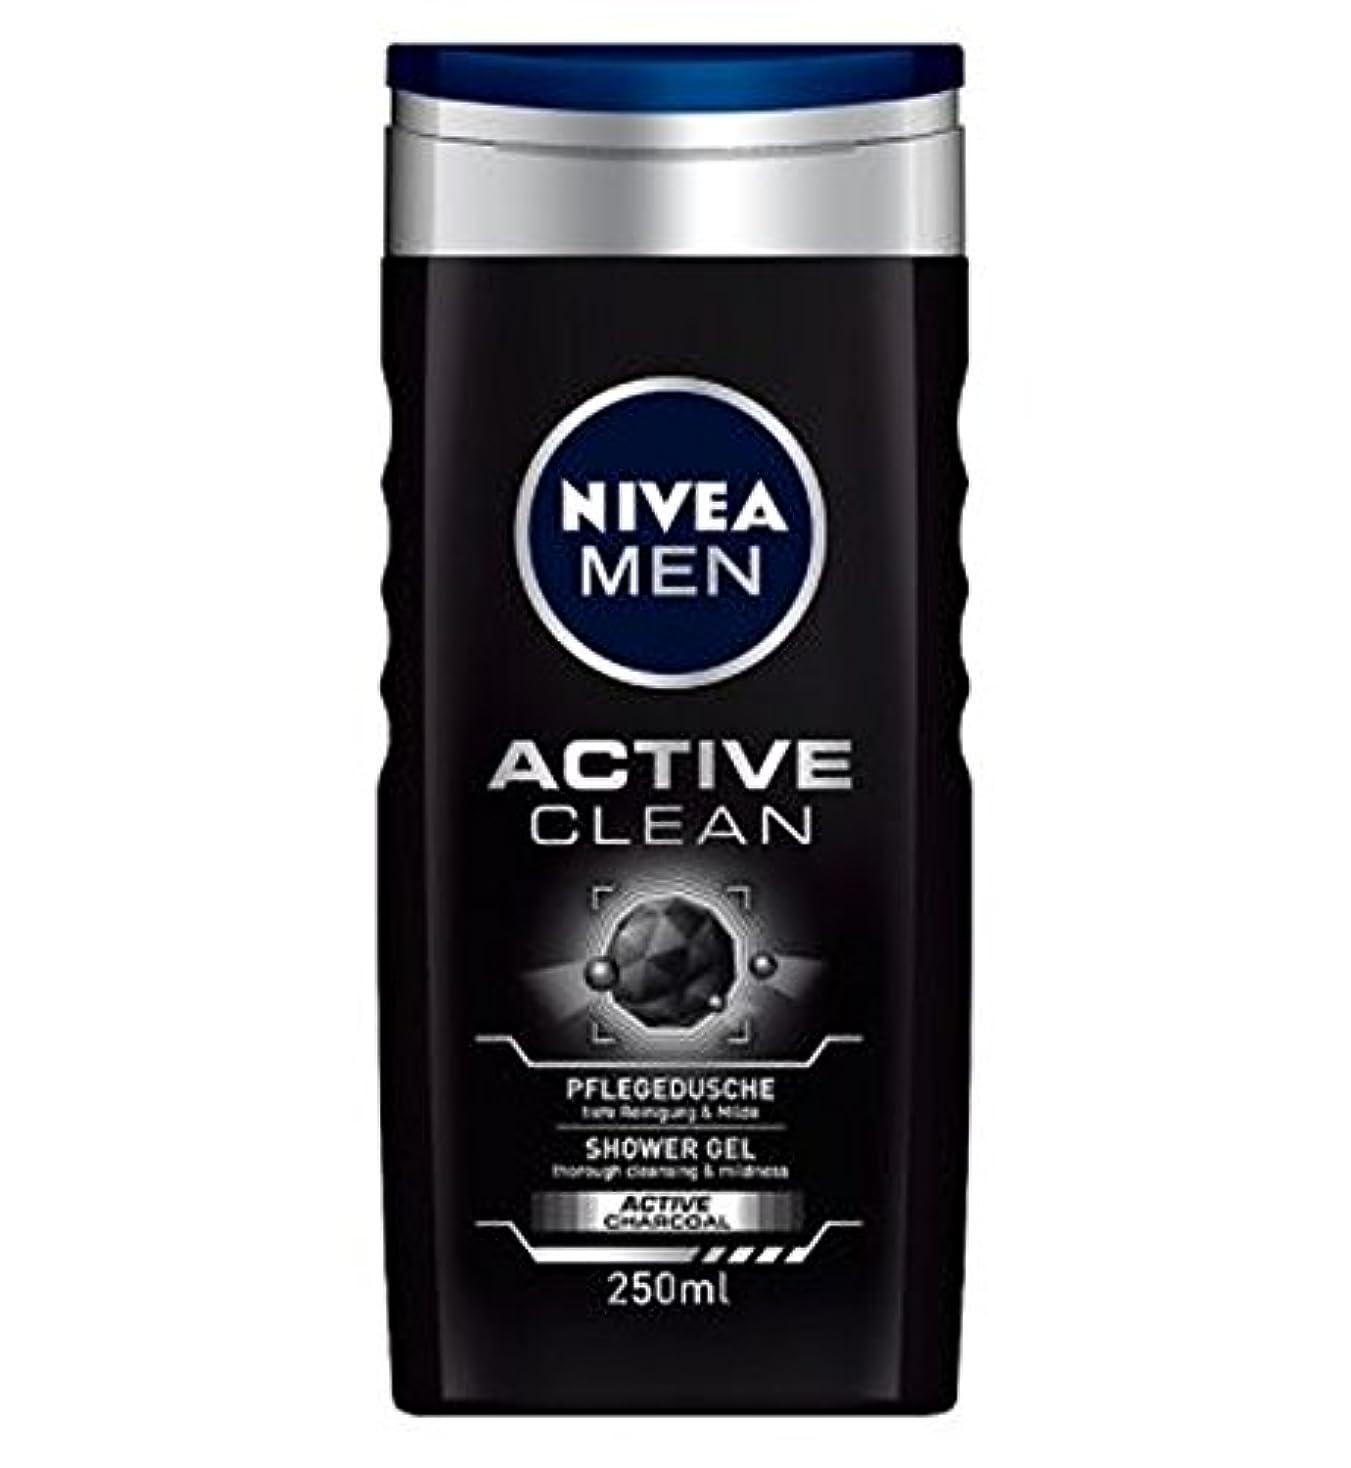 労苦ブローホール亡命ニベアの男性アクティブクリーンシャワージェル250ミリリットル (Nivea) (x2) - NIVEA MEN Active Clean Shower Gel 250ml (Pack of 2) [並行輸入品]